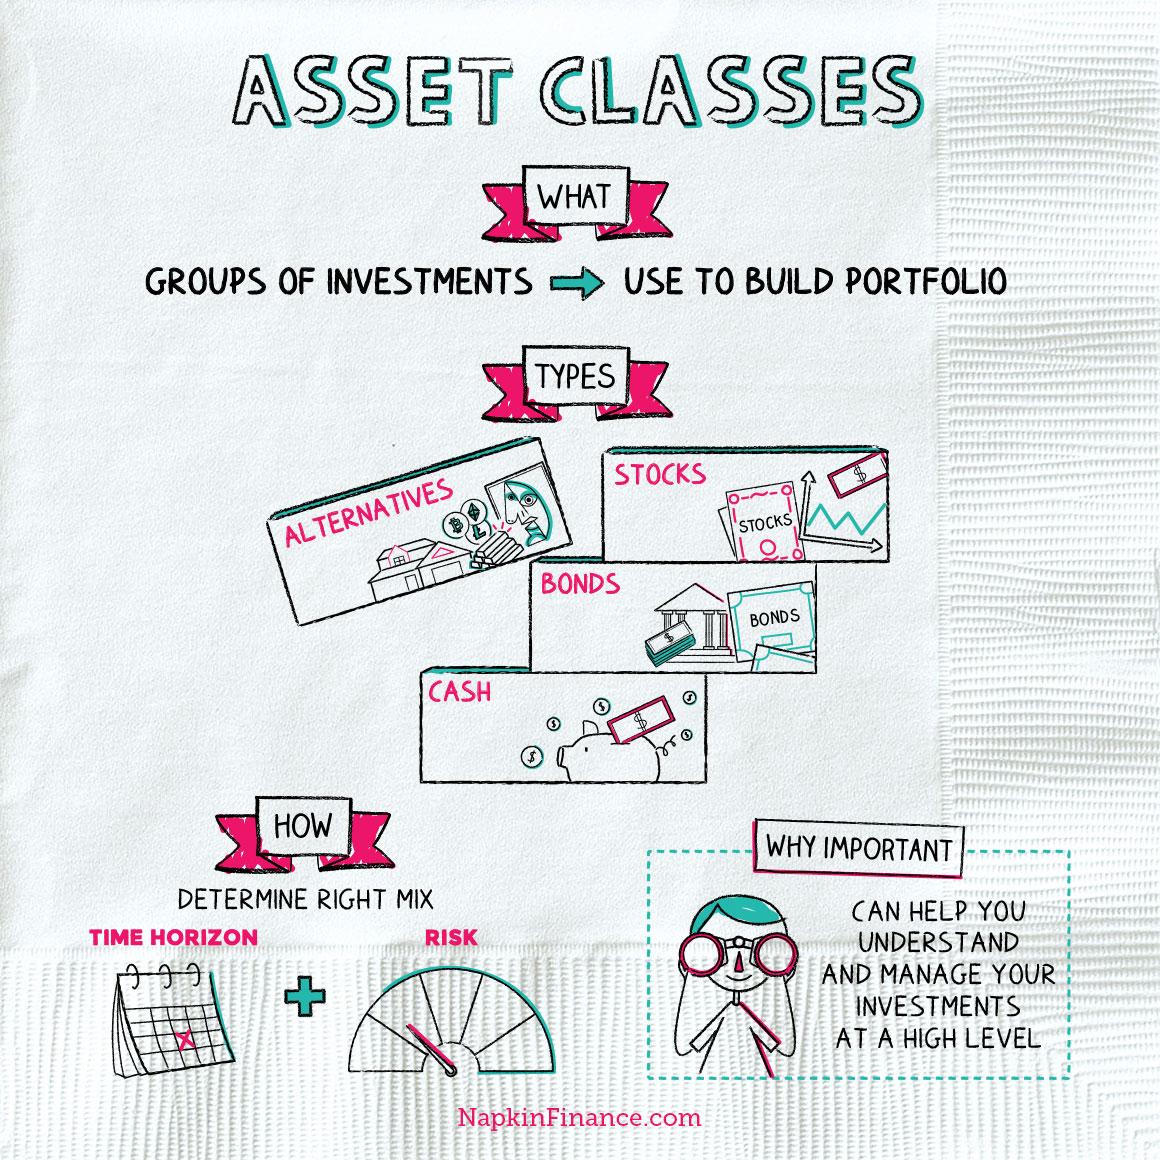 NapkinFinance-AssetClasses-Napkin-10-28-19-v07B